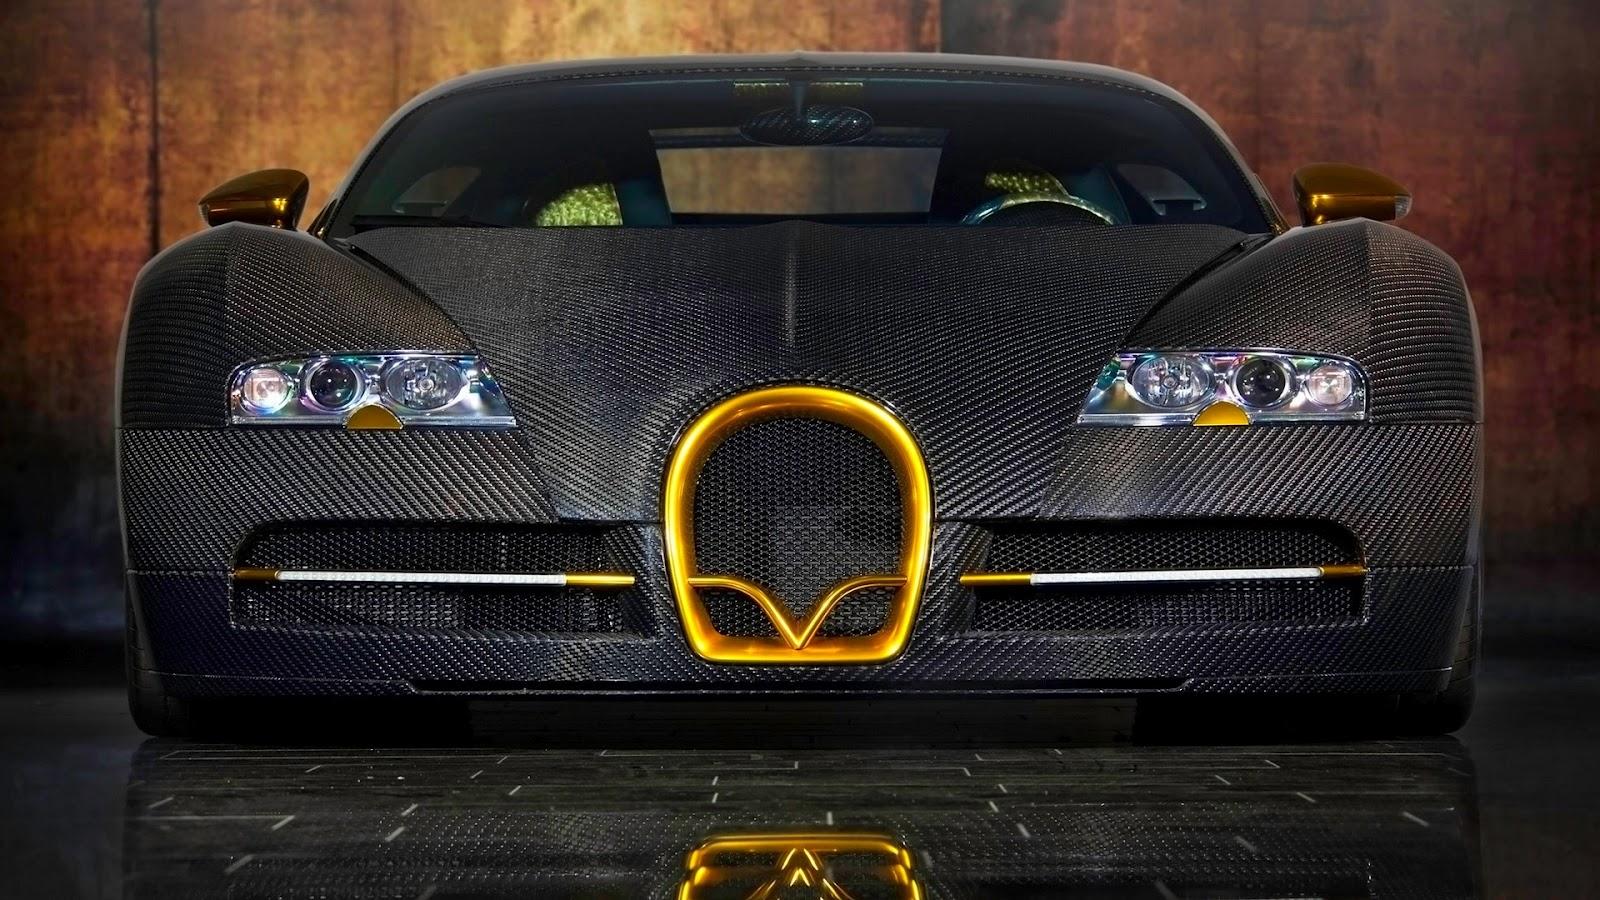 Bugatti Wallpapers for Desktop - WallpaperSafari